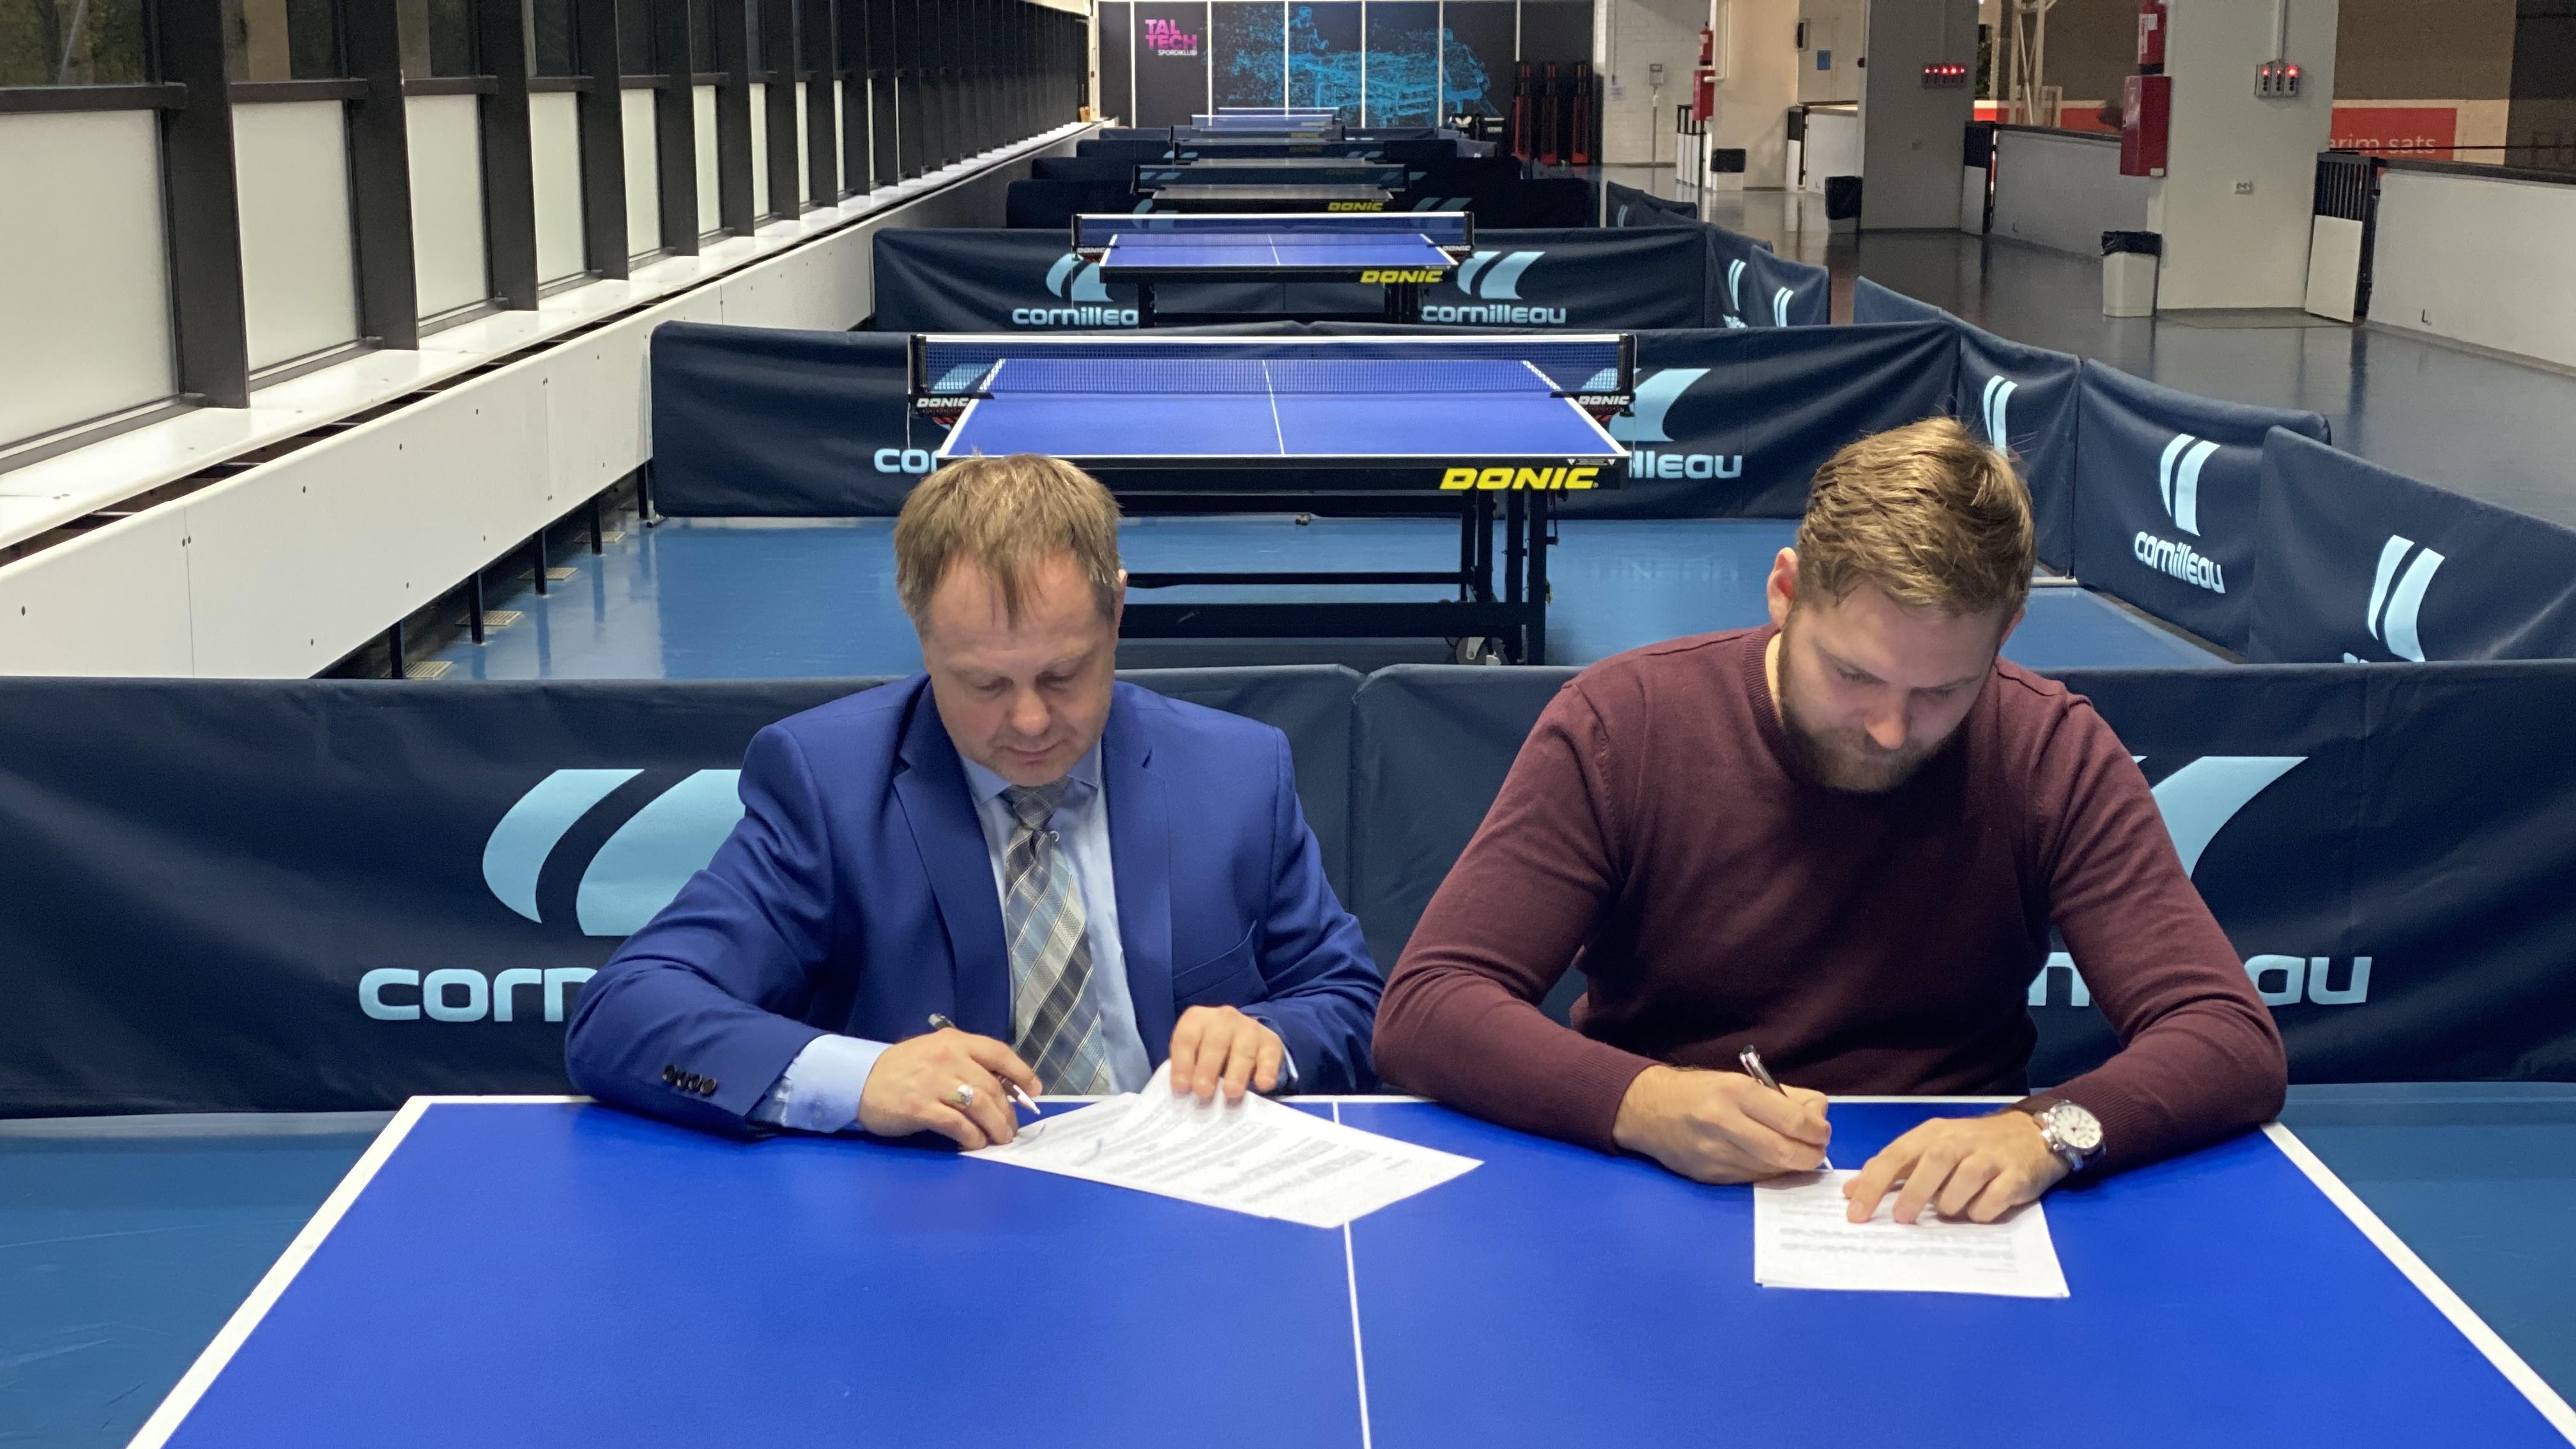 Eesti Lauatenniseliit ja Novellae õigusbüroo sõlmisid koostööleppe